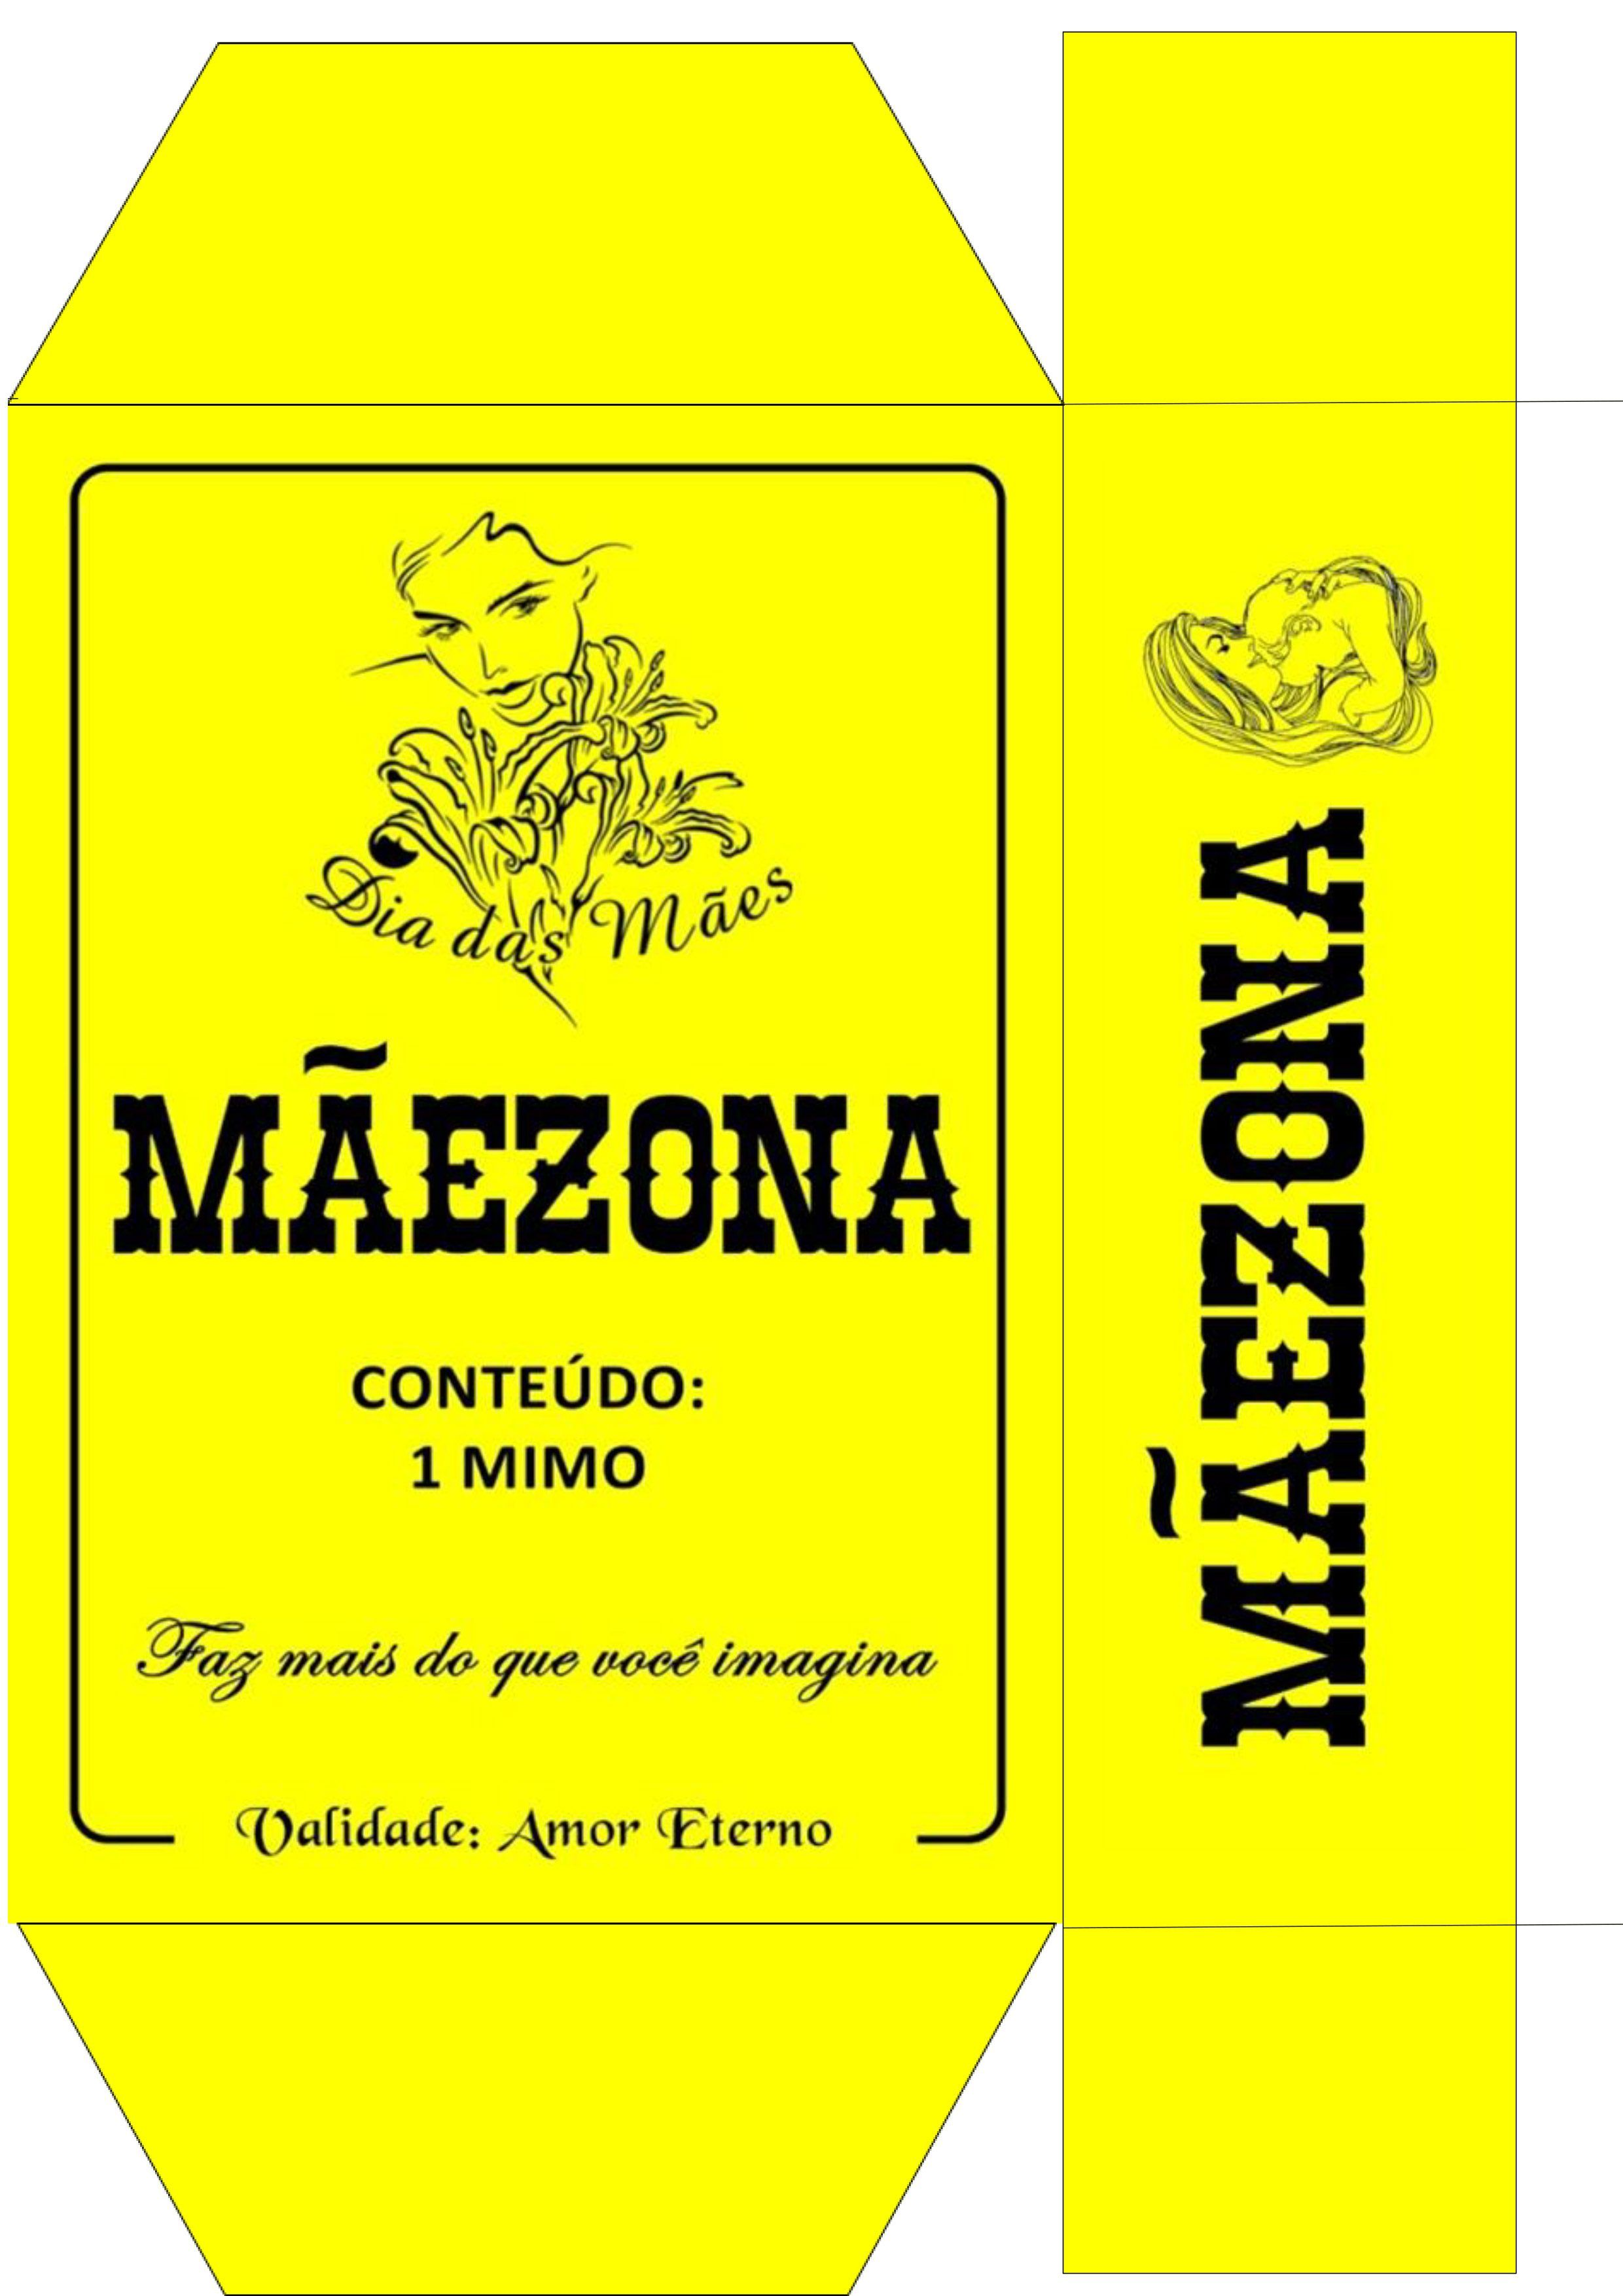 Caixa Maezona Presente Dia das Maes - Parte 1 | Silhouettes